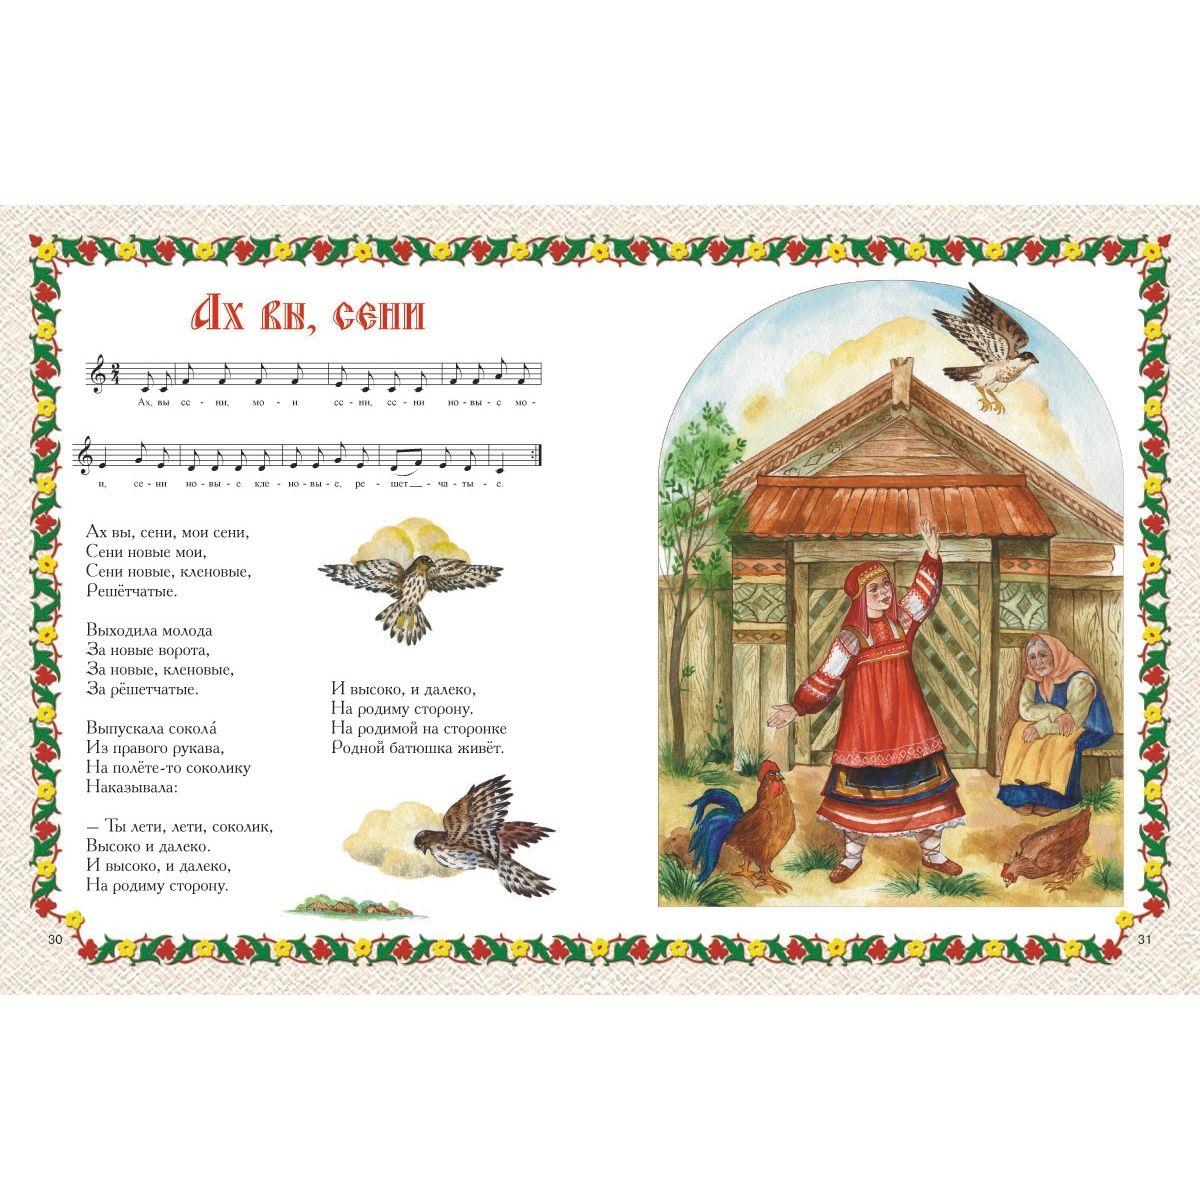 нижнее песенник русских народных песен должно